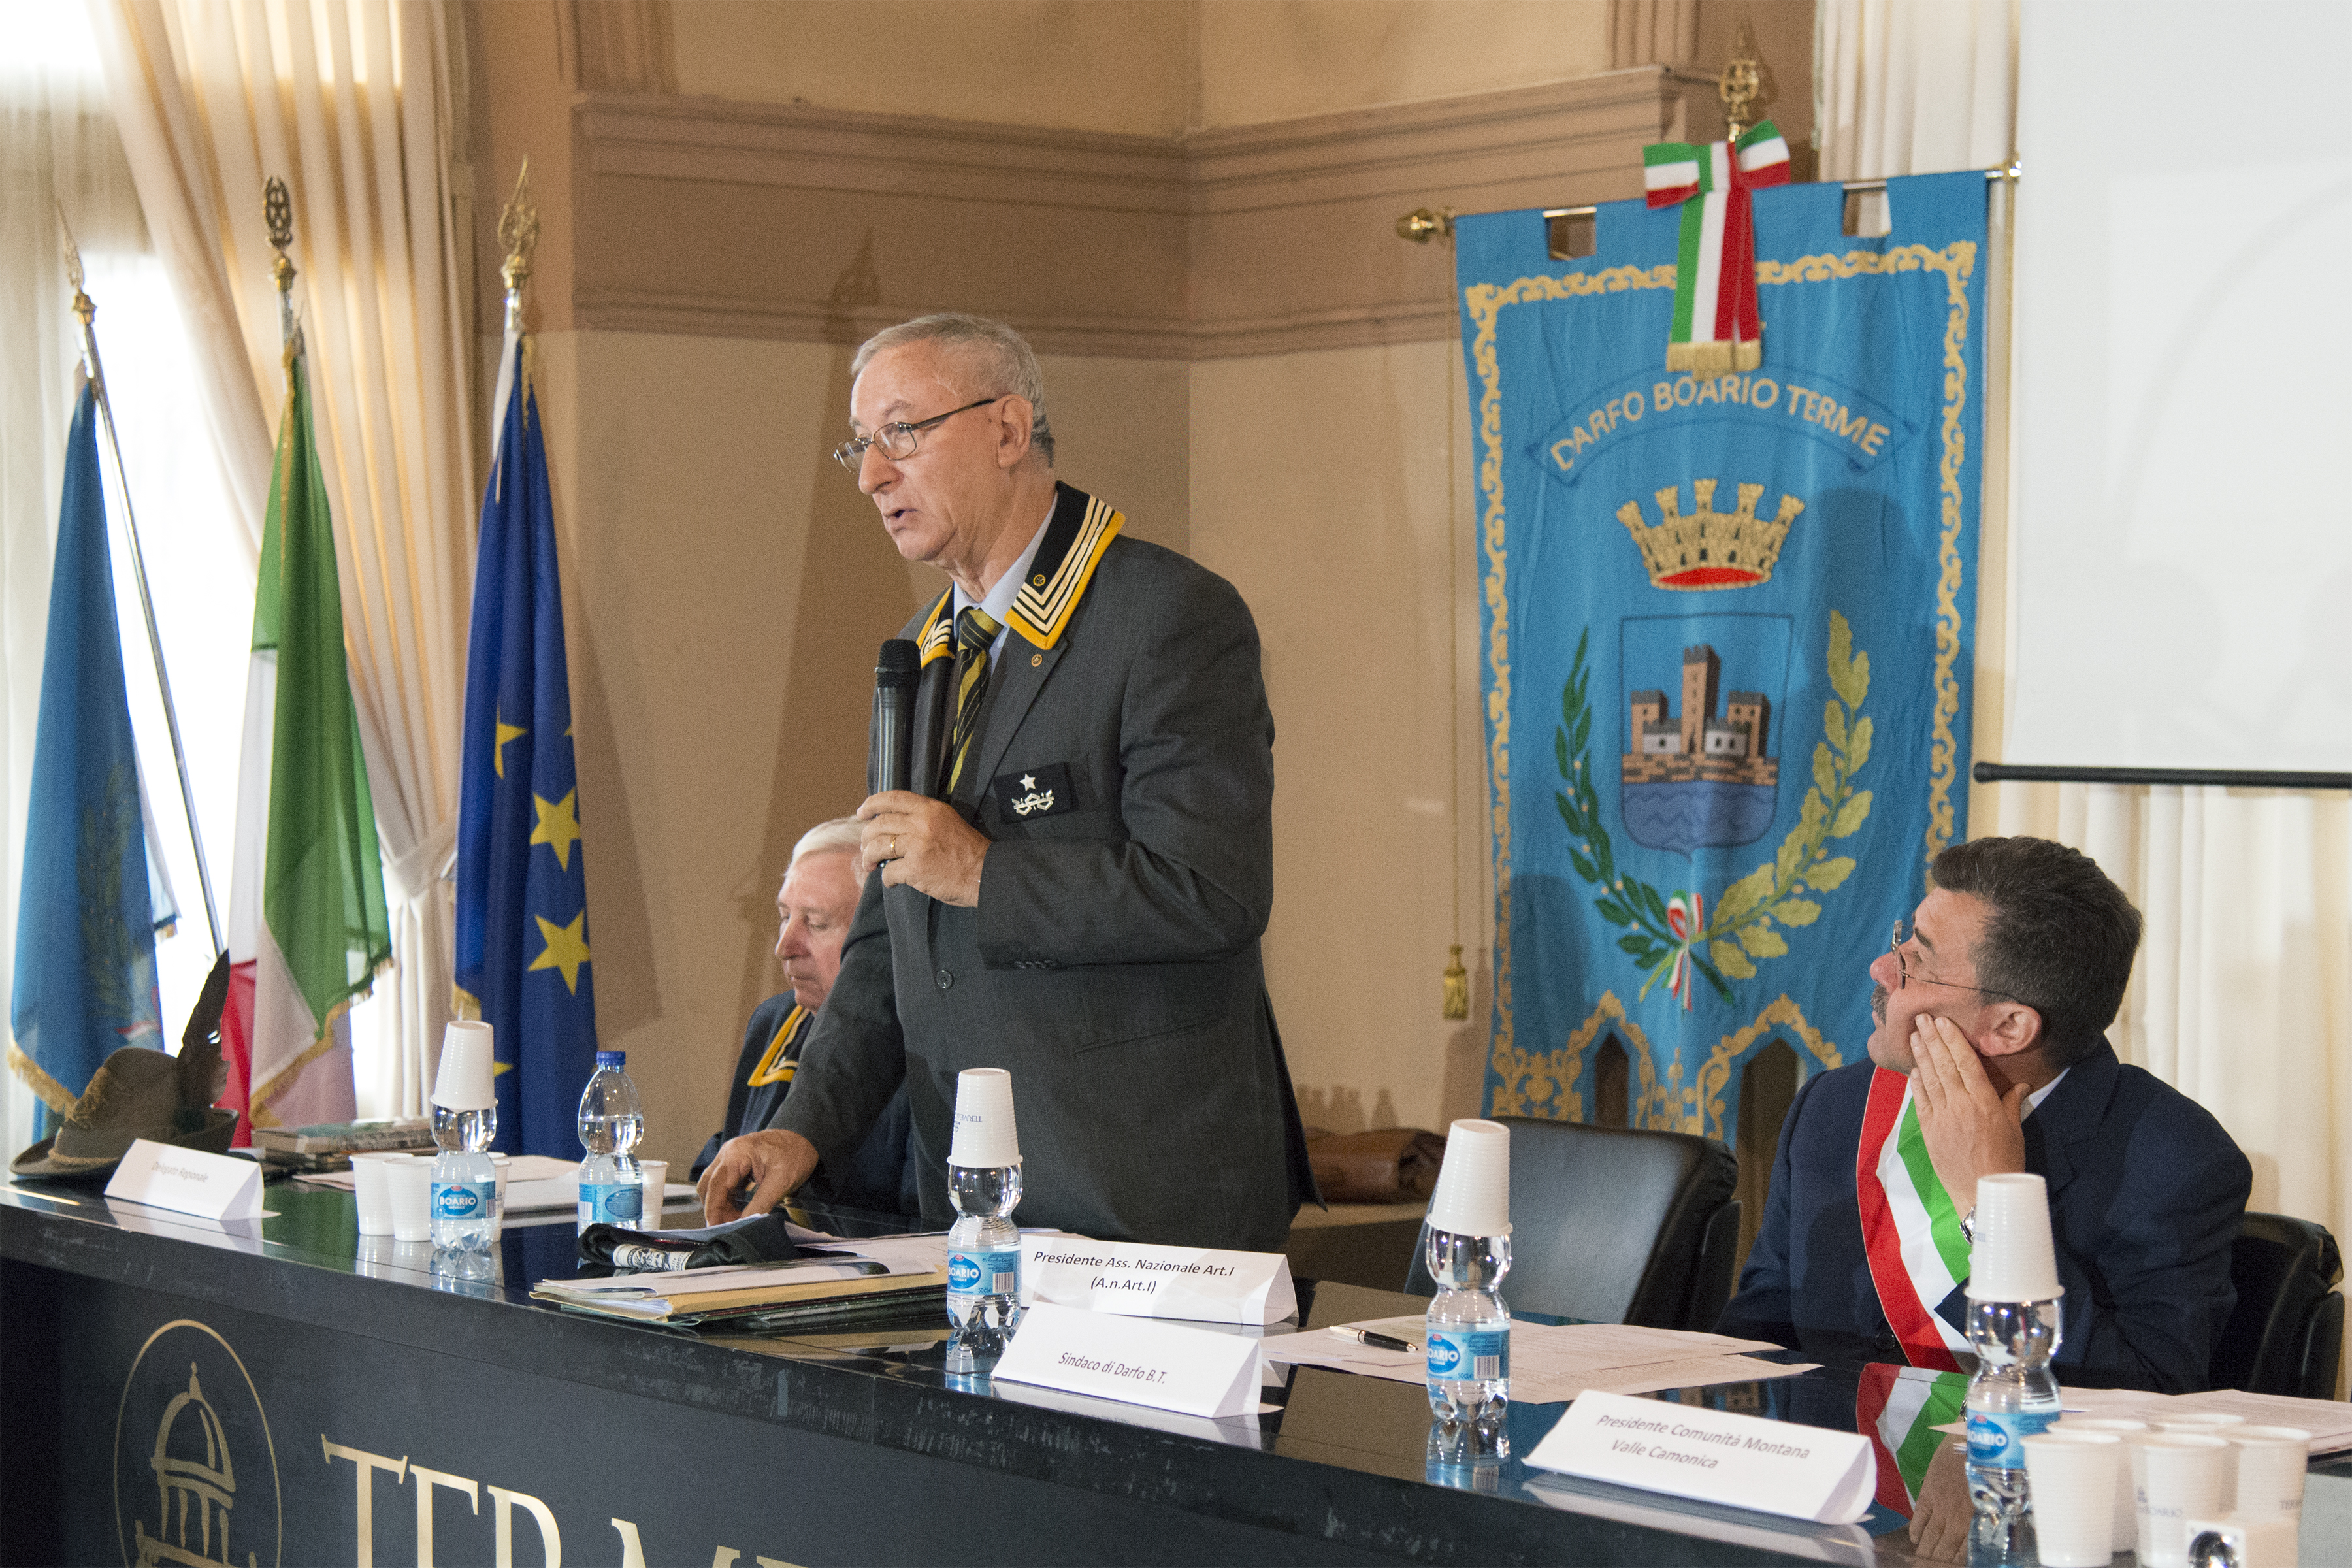 Il Presidente Nazionale Rocco Viglietta e il Sindaco di Darfo Boario Ezio Mondini (Foto M. Bossi)